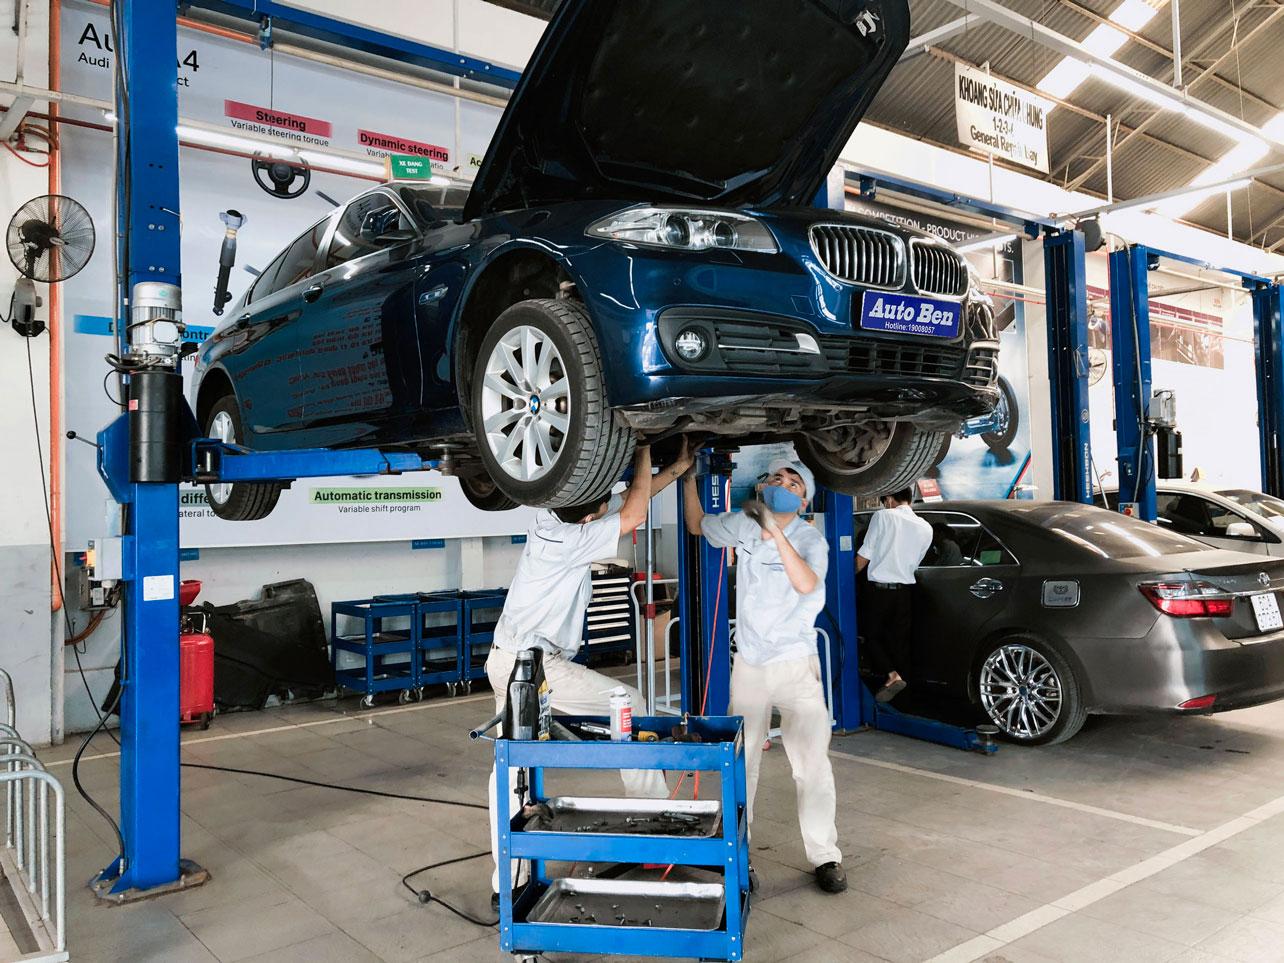 Sửa chữa thước lại xe BMW tại Auto Ben Biên Hòa